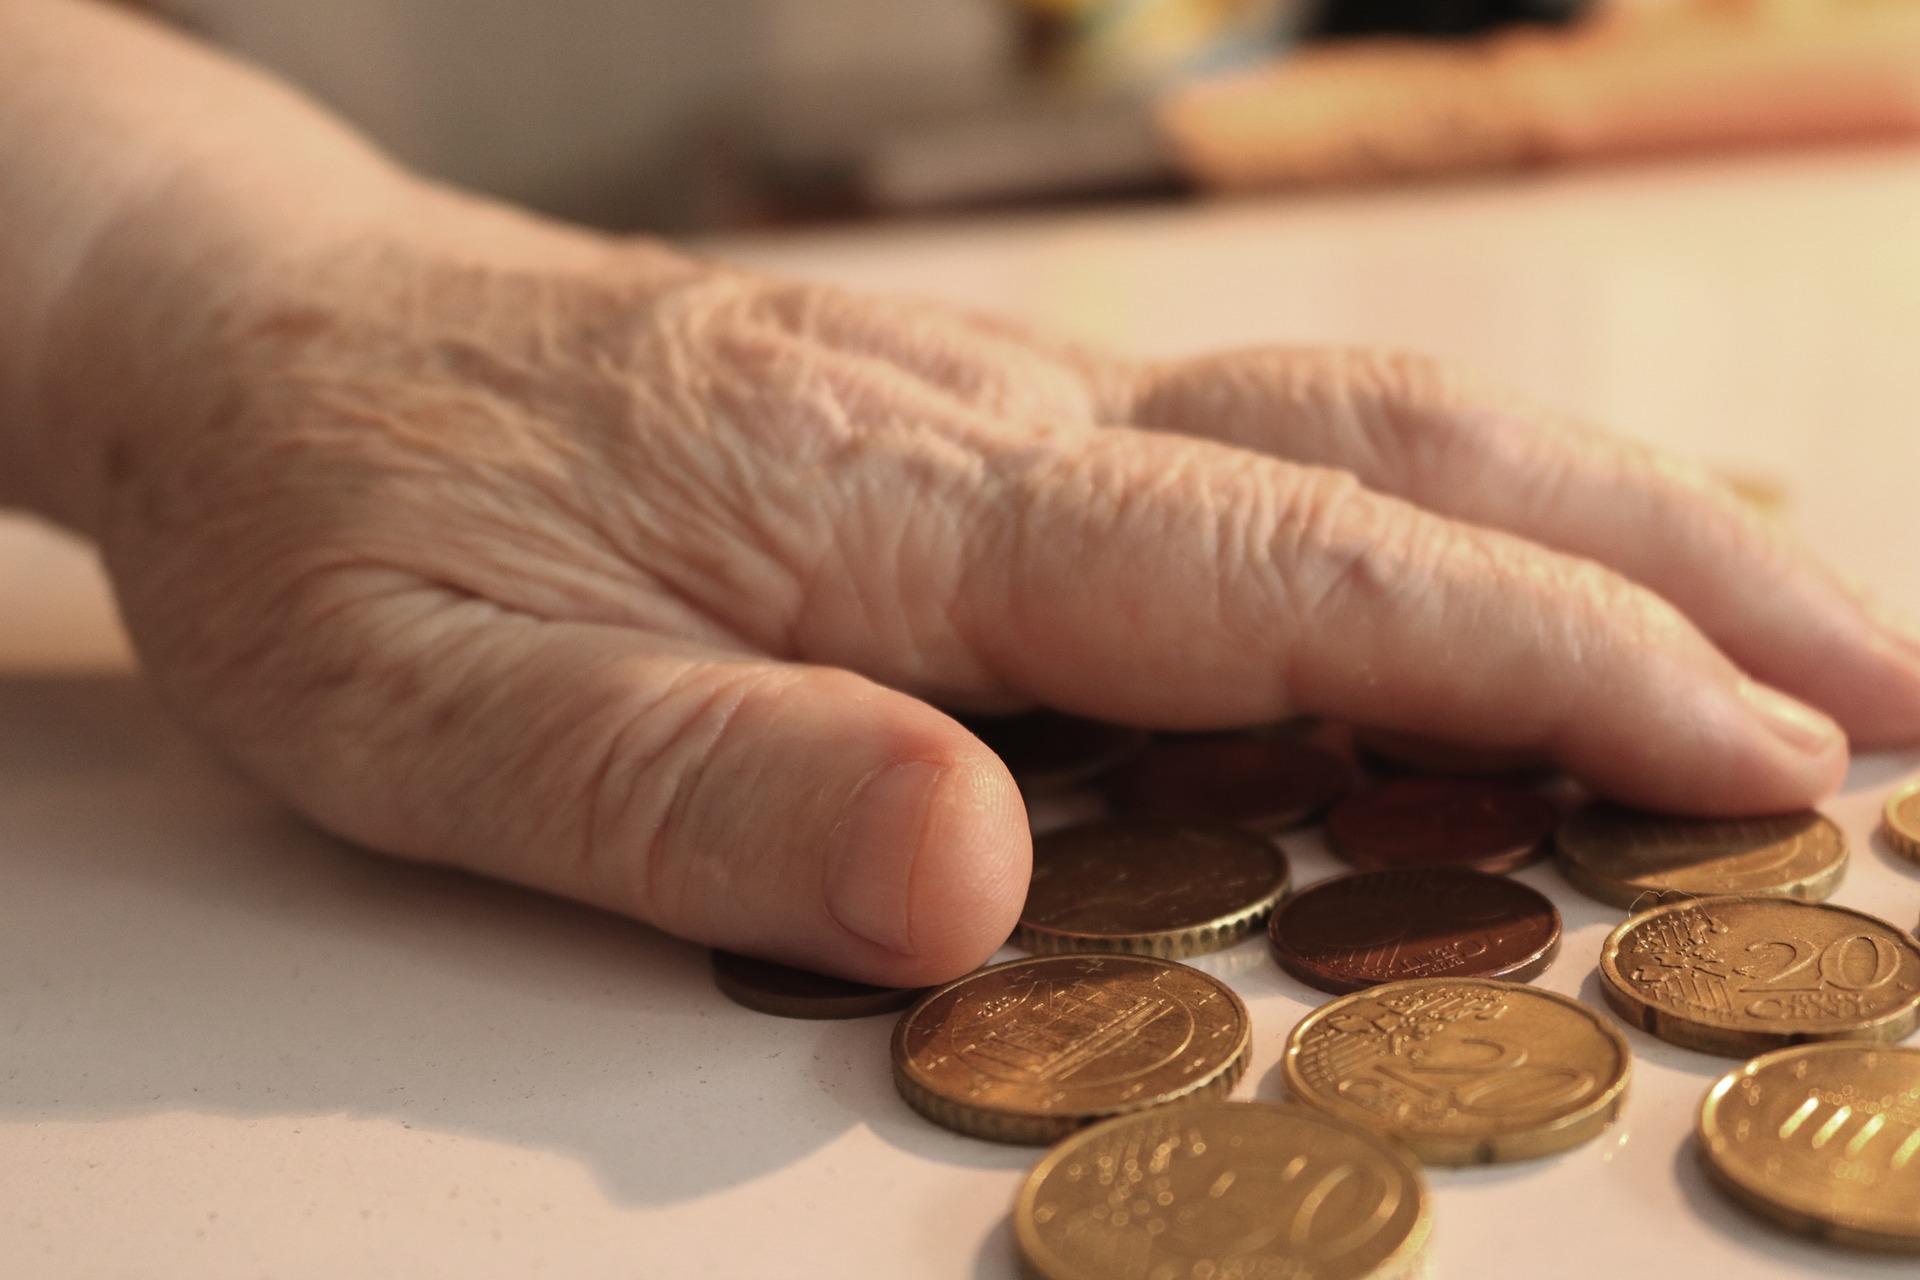 Ab dem 1. Juli 2020 steigen die Renten in Deutschland deutlich an. Laut Bundesarbeitsministerium steigen die Beiträge im Westen um 3,45 Prozente, im Osten um 4,2 Prozent.